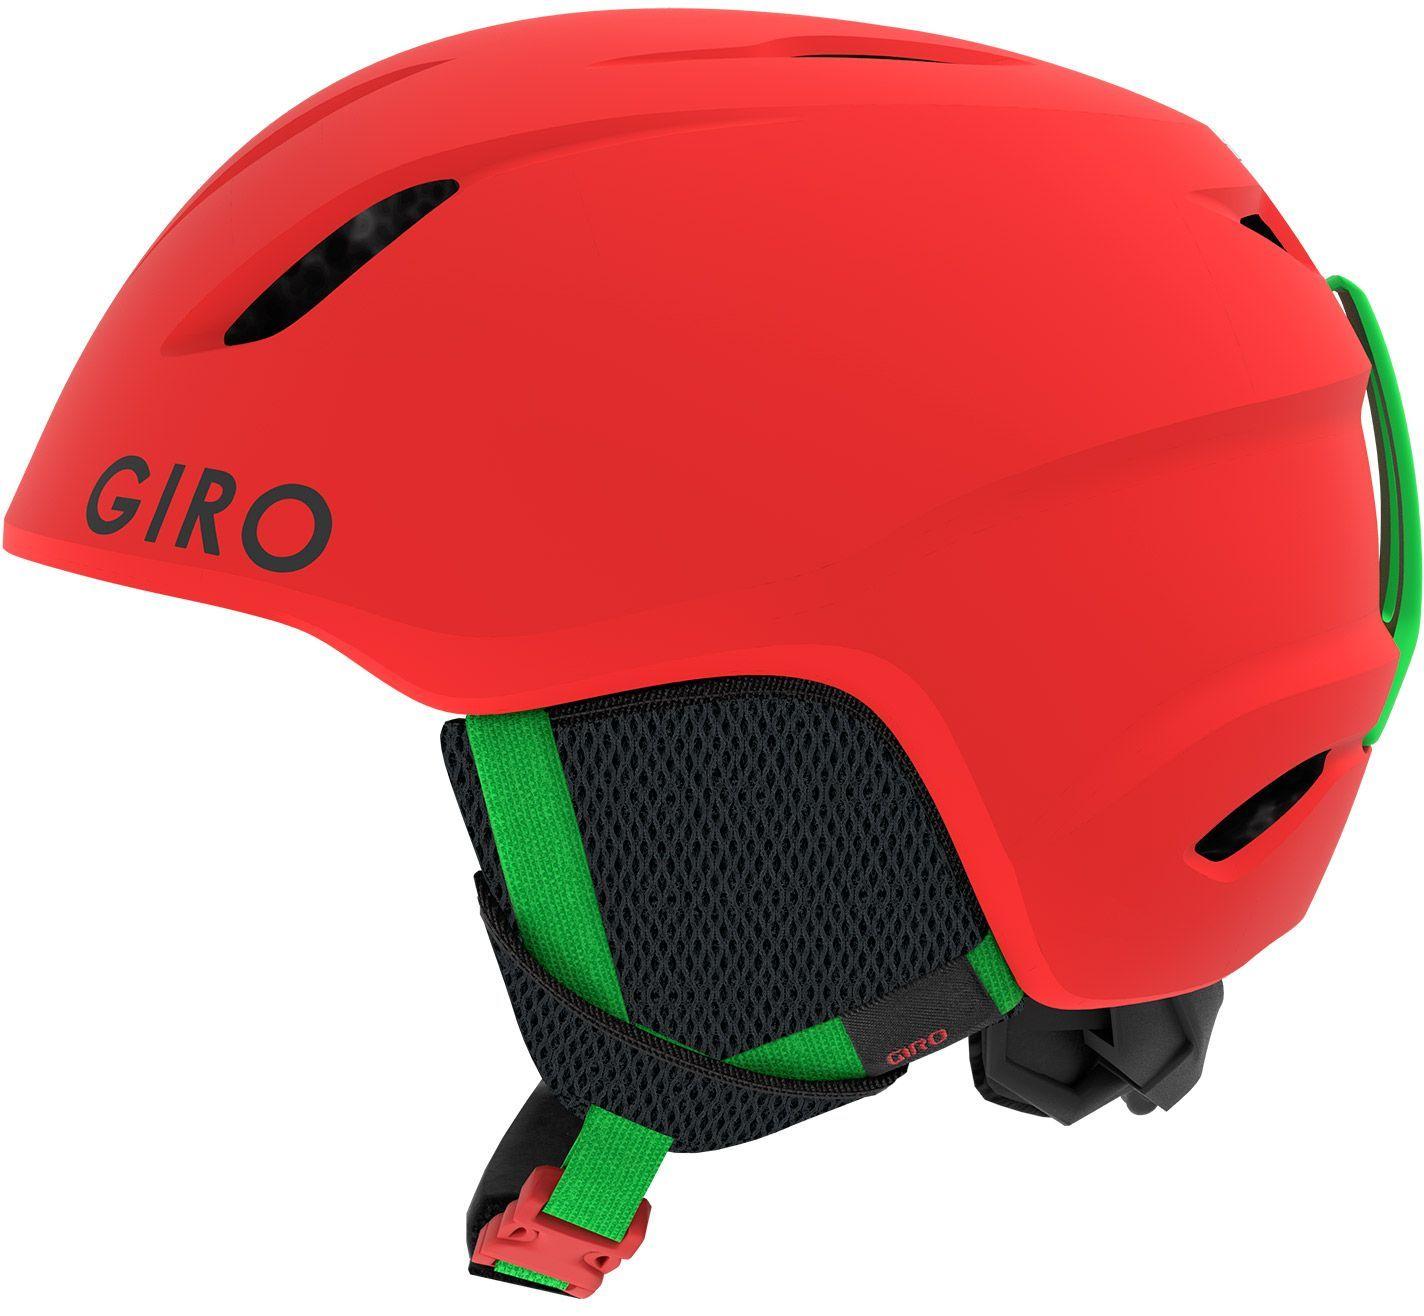 Giro Launch Mat Bright Red XS